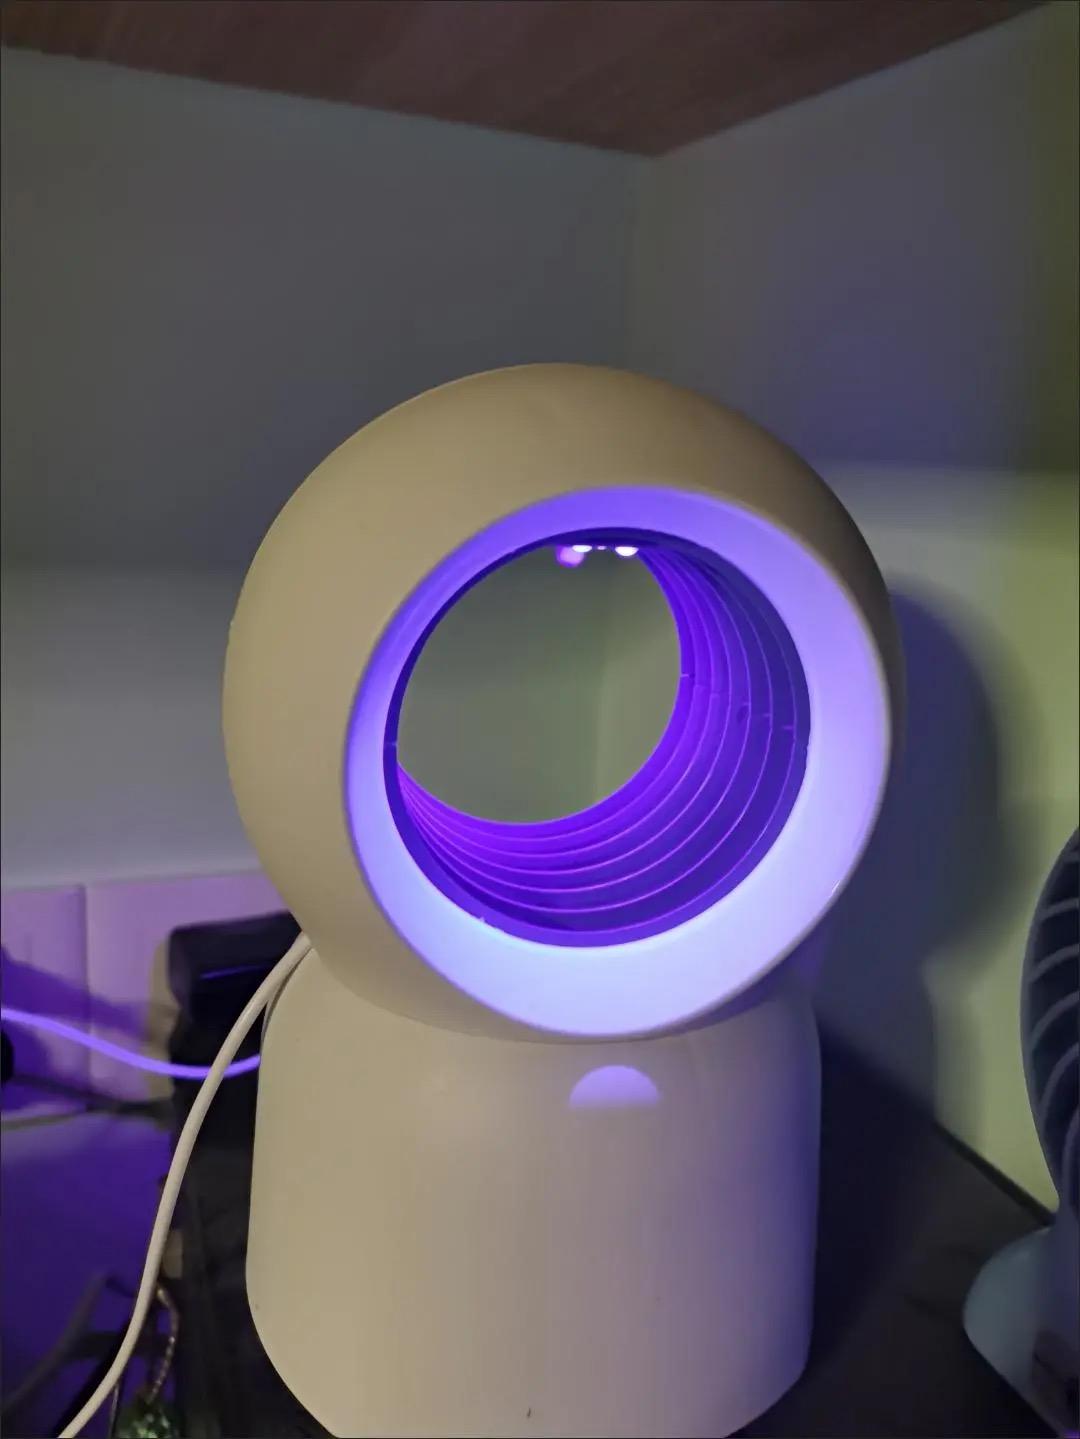 新款灭蚊灯驱虫器 家用卧室无辐射神器